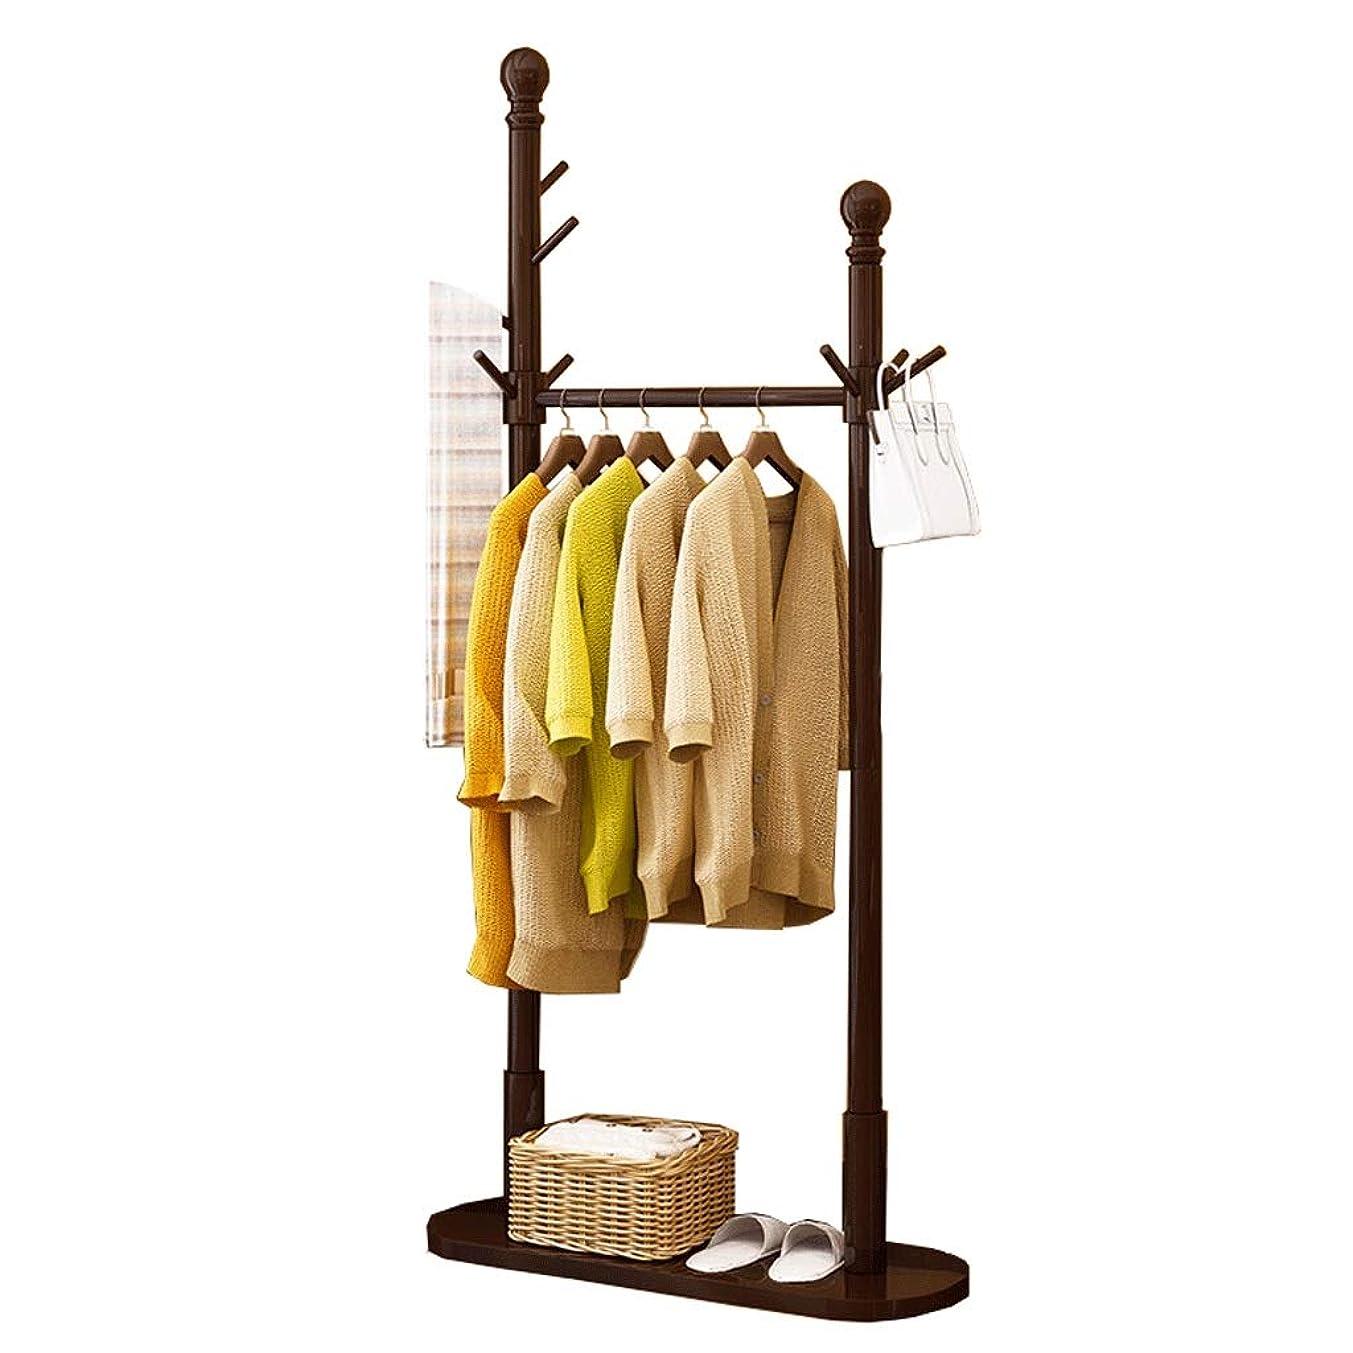 血統居間偽玄関コートラック ヨーロッパスタイルの多機能家庭用収納ラッククリエイティブリビングルームの寝室のコートラック ツリーハンガー (Color : A Brown)